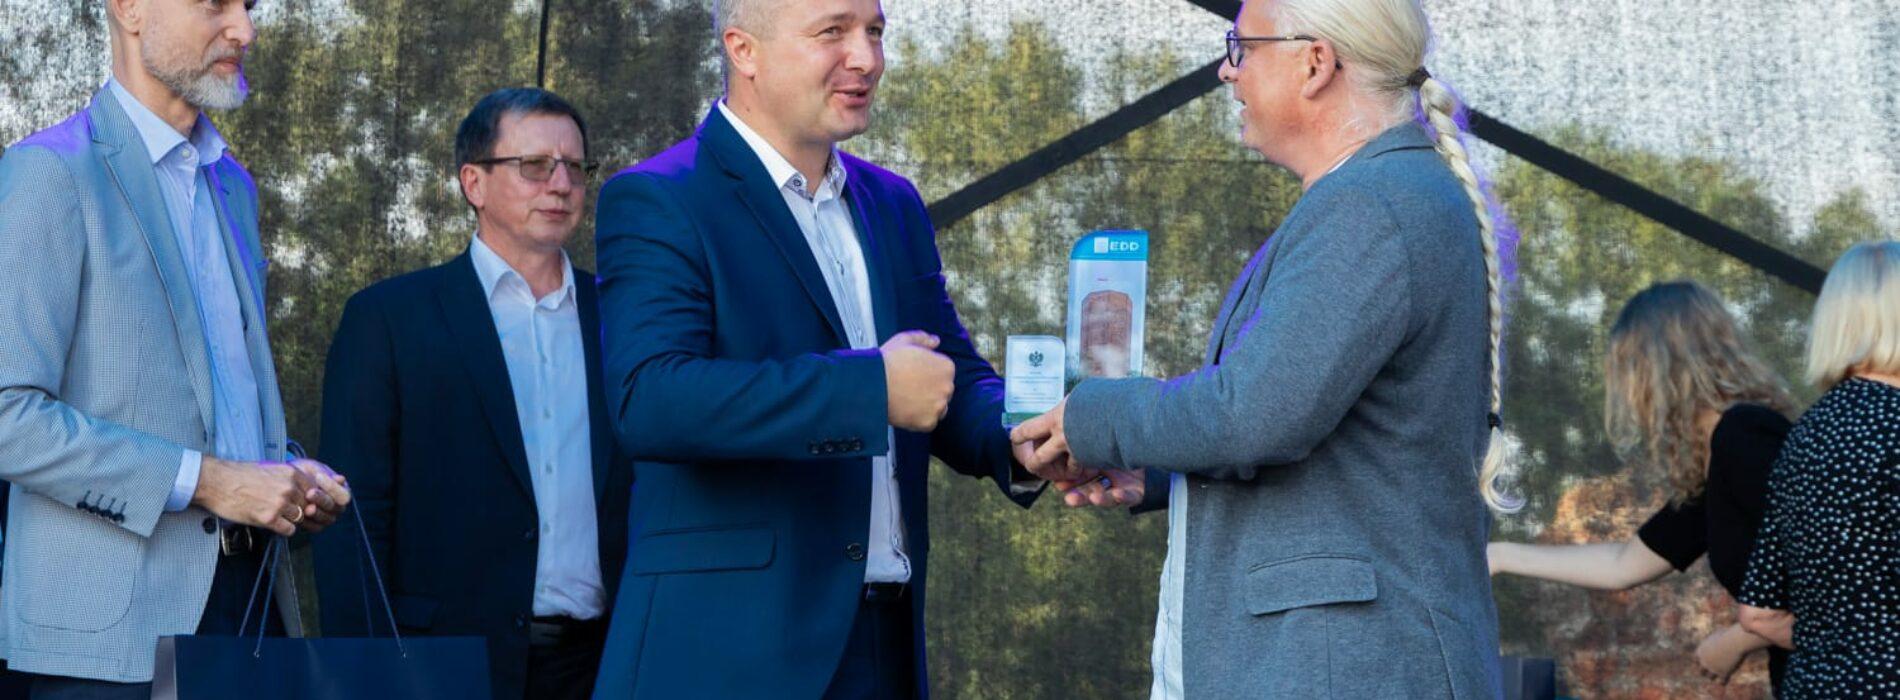 Grudziądzki historyk nagrodzony